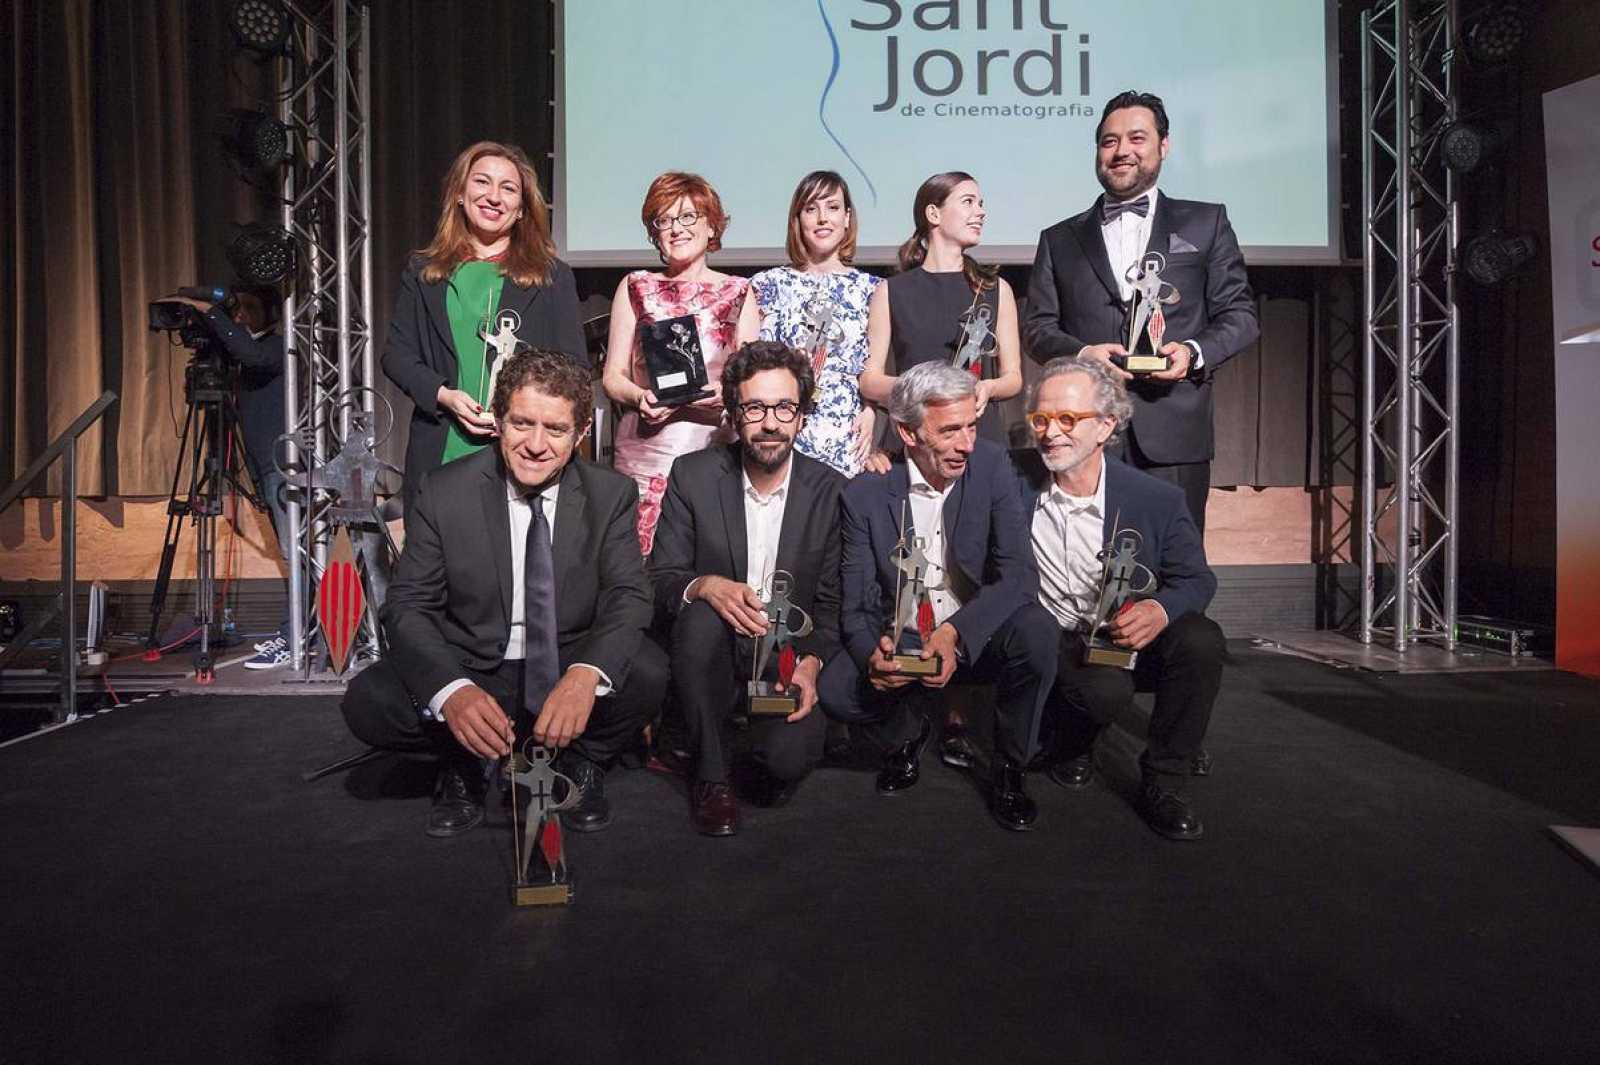 Los galardonados en la 60ª edición de los Premios Sant Jordi de Cinematografía